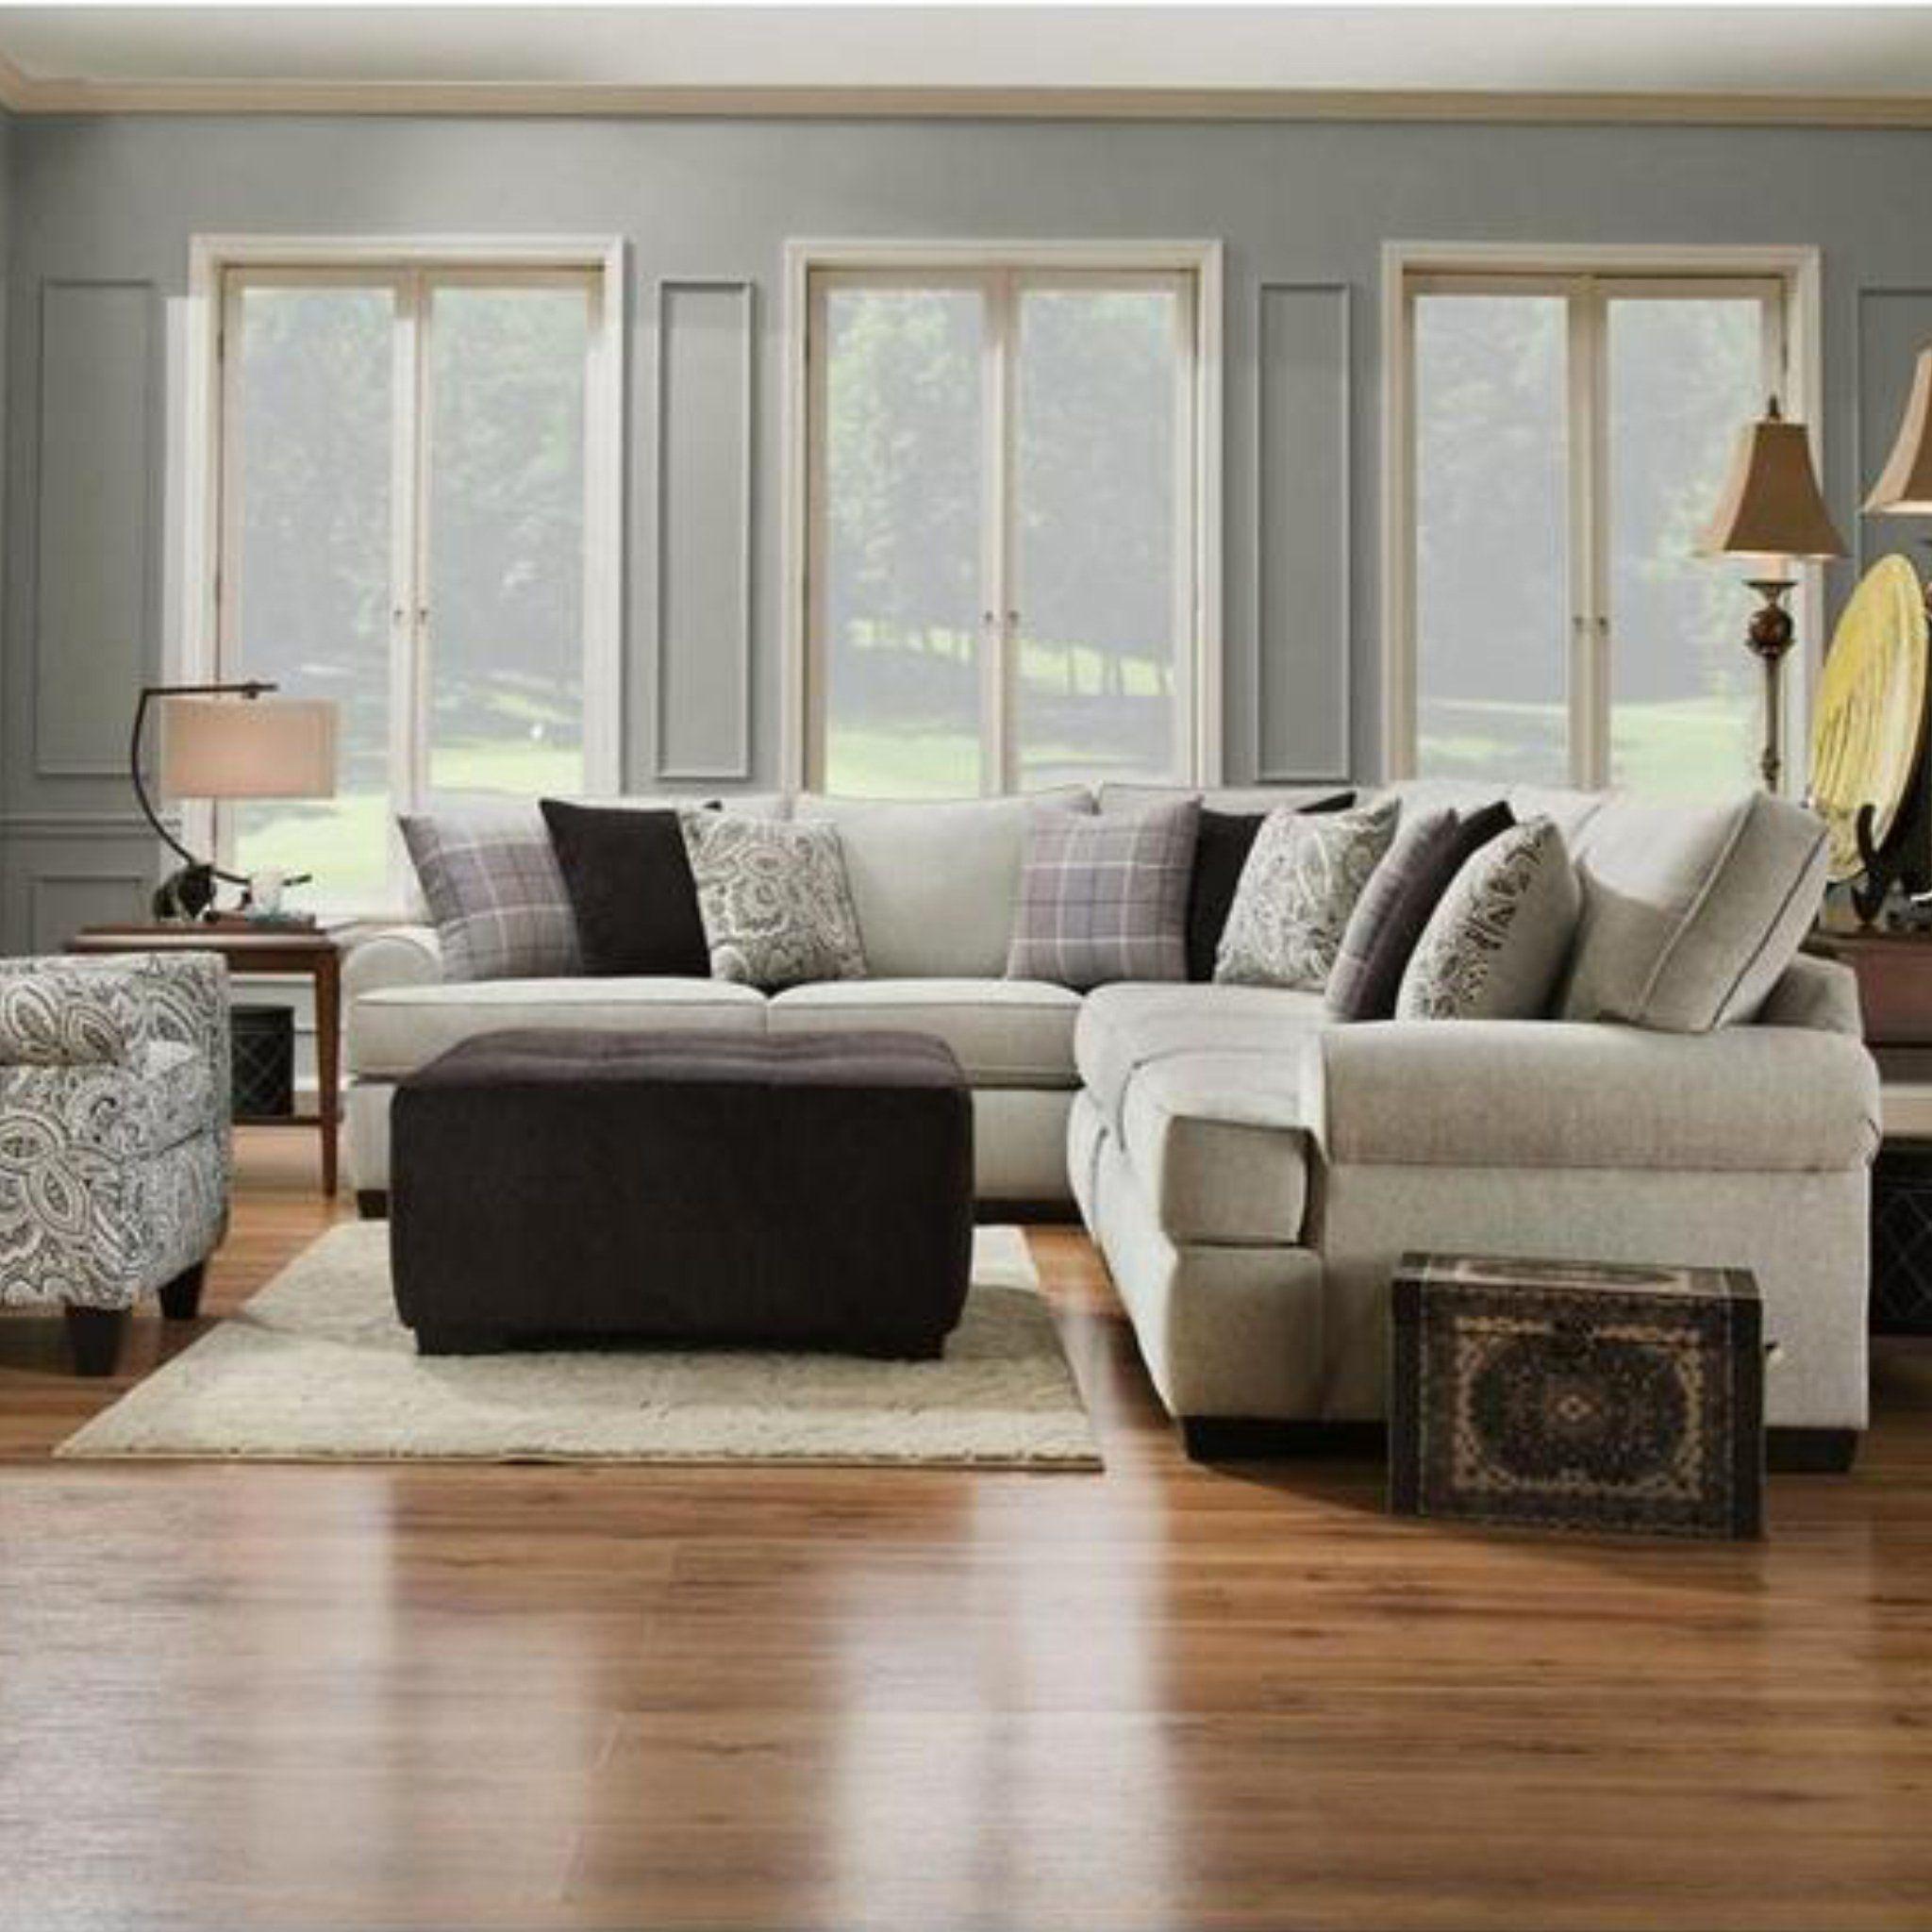 2 Piece Sectional In 2021 Sectional Sofa 2 Piece Sectional Sofa Farmhouse Living Room Furniture